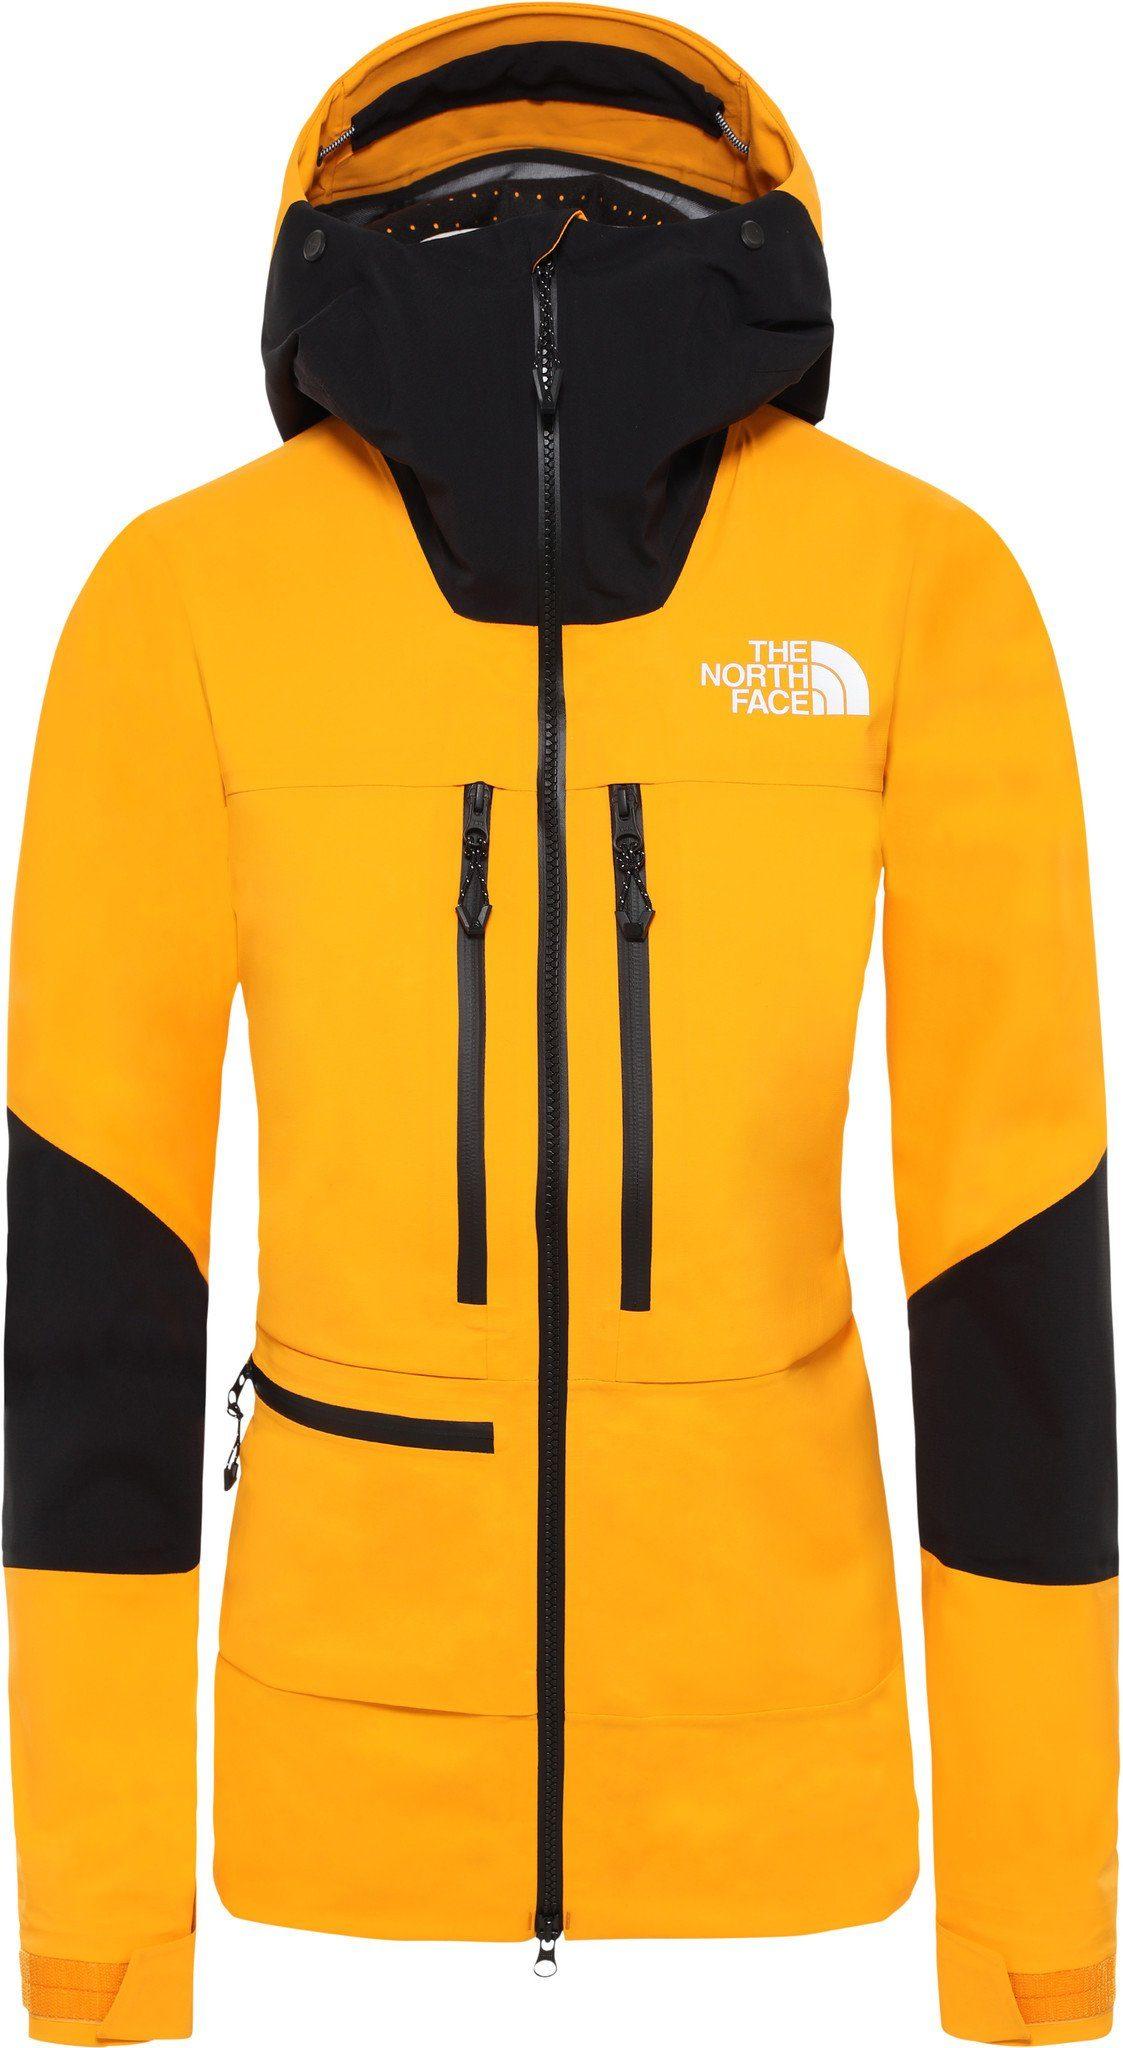 The North Face Outdoorjacke »L5 Jacke Damen« | OTTO